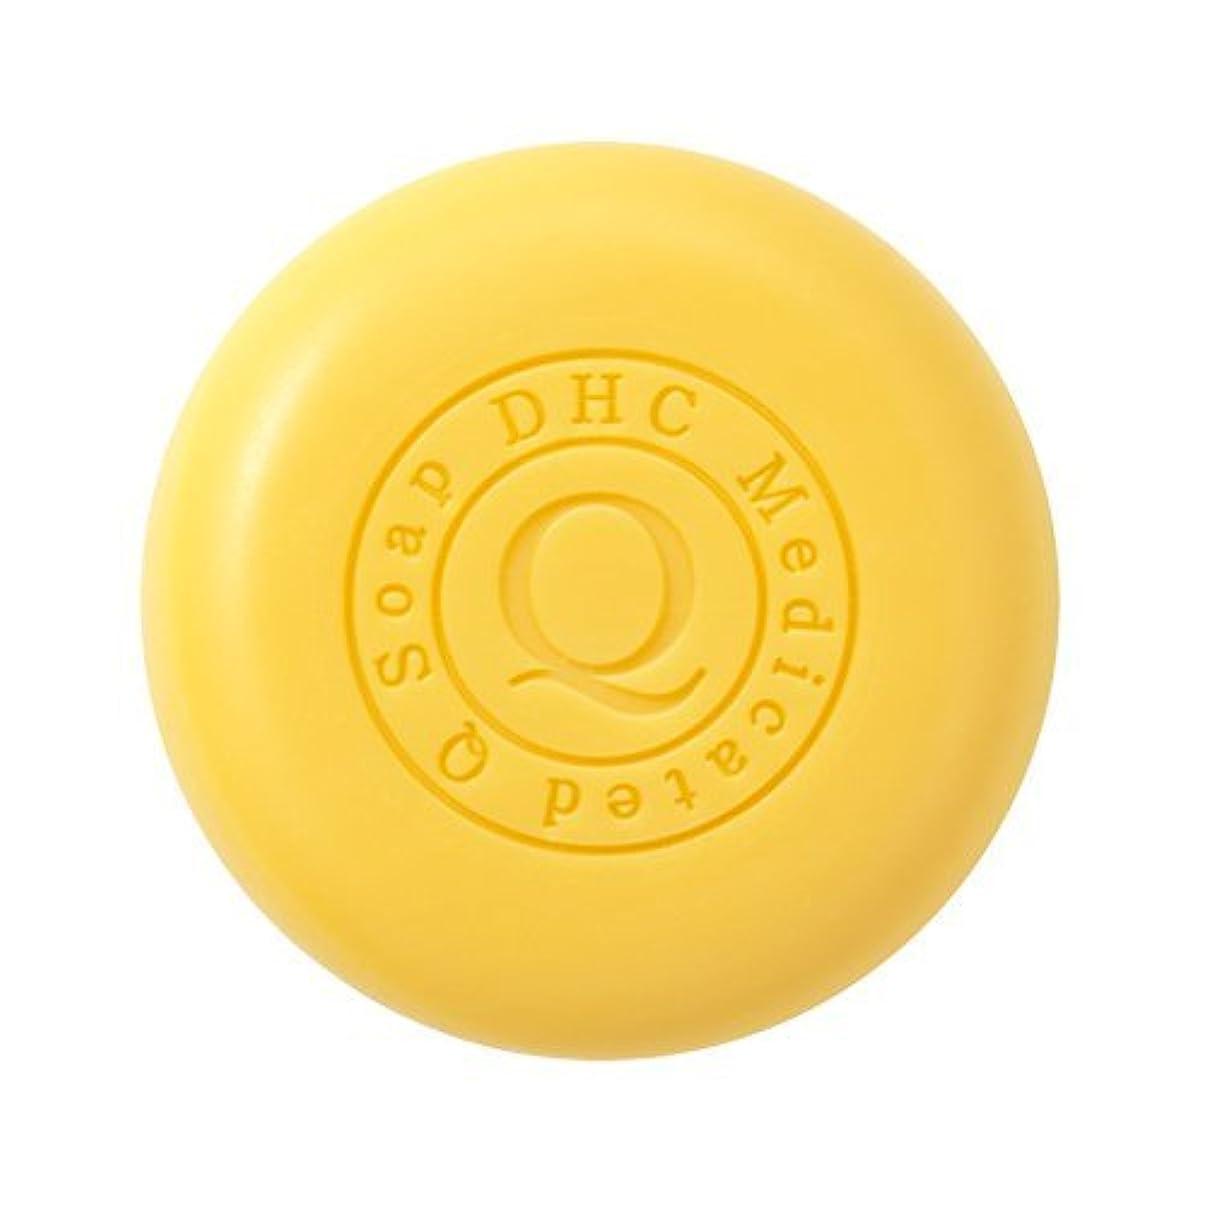 渦地殻モトリー【医薬部外品】DHC薬用Qソープ